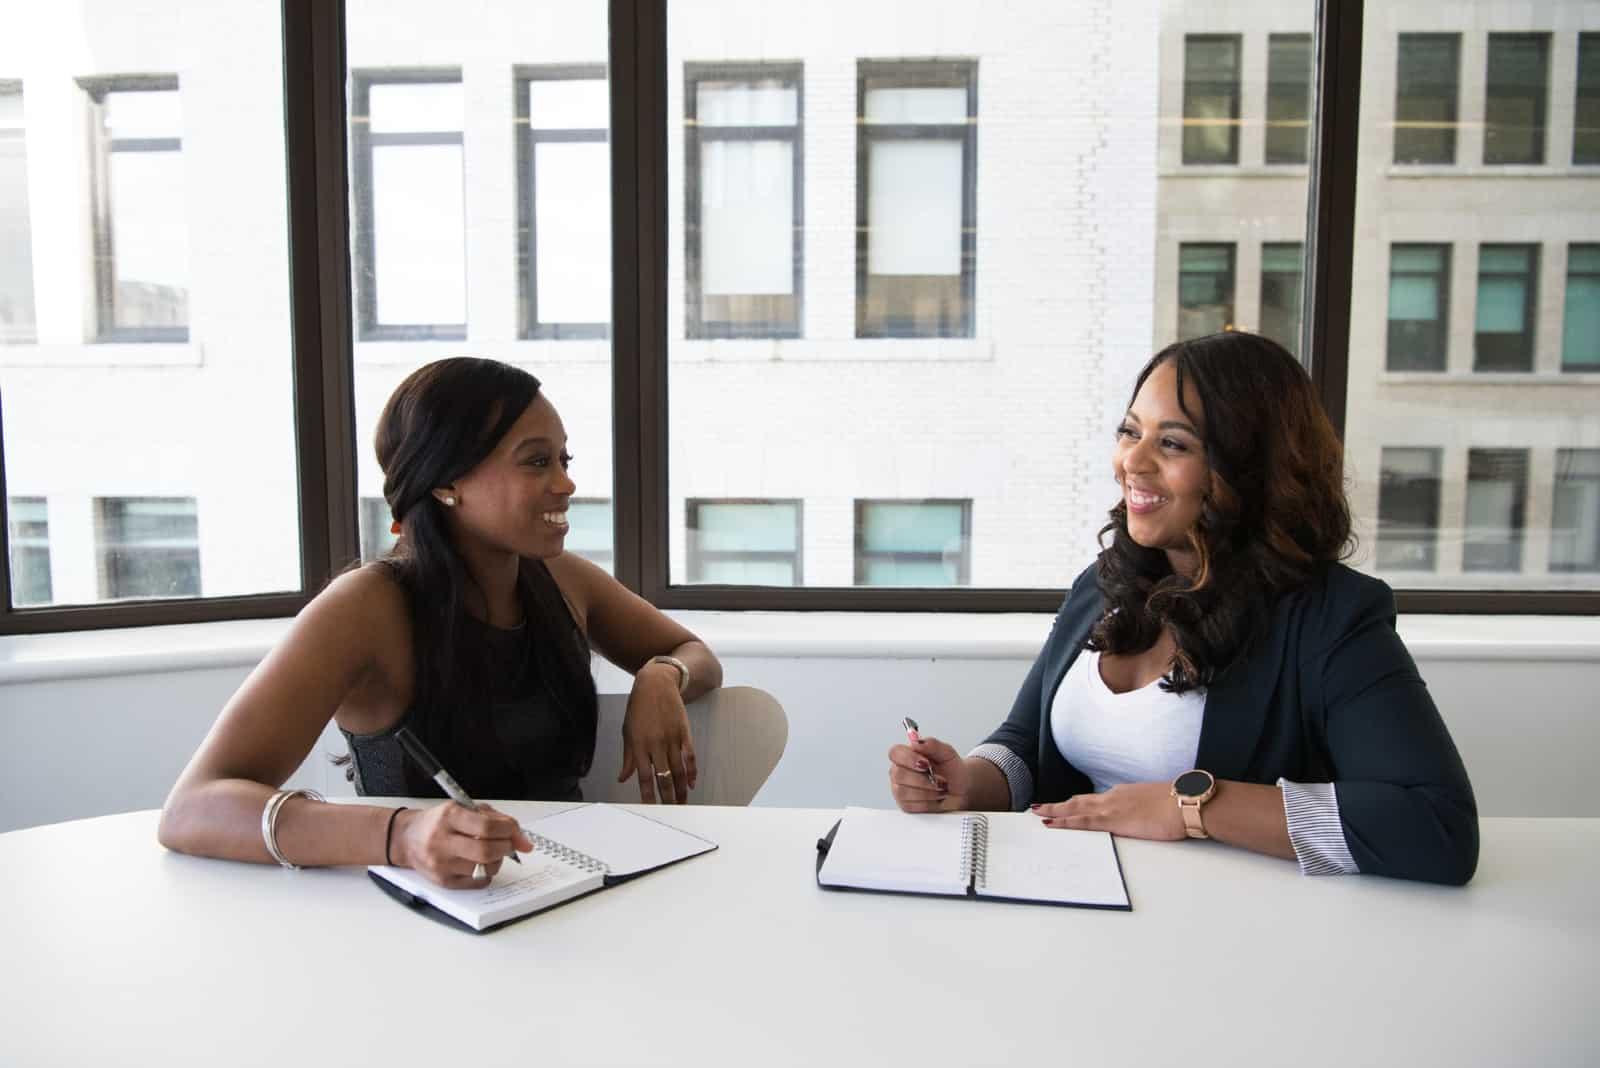 deux femmes souriantes assis au bureau